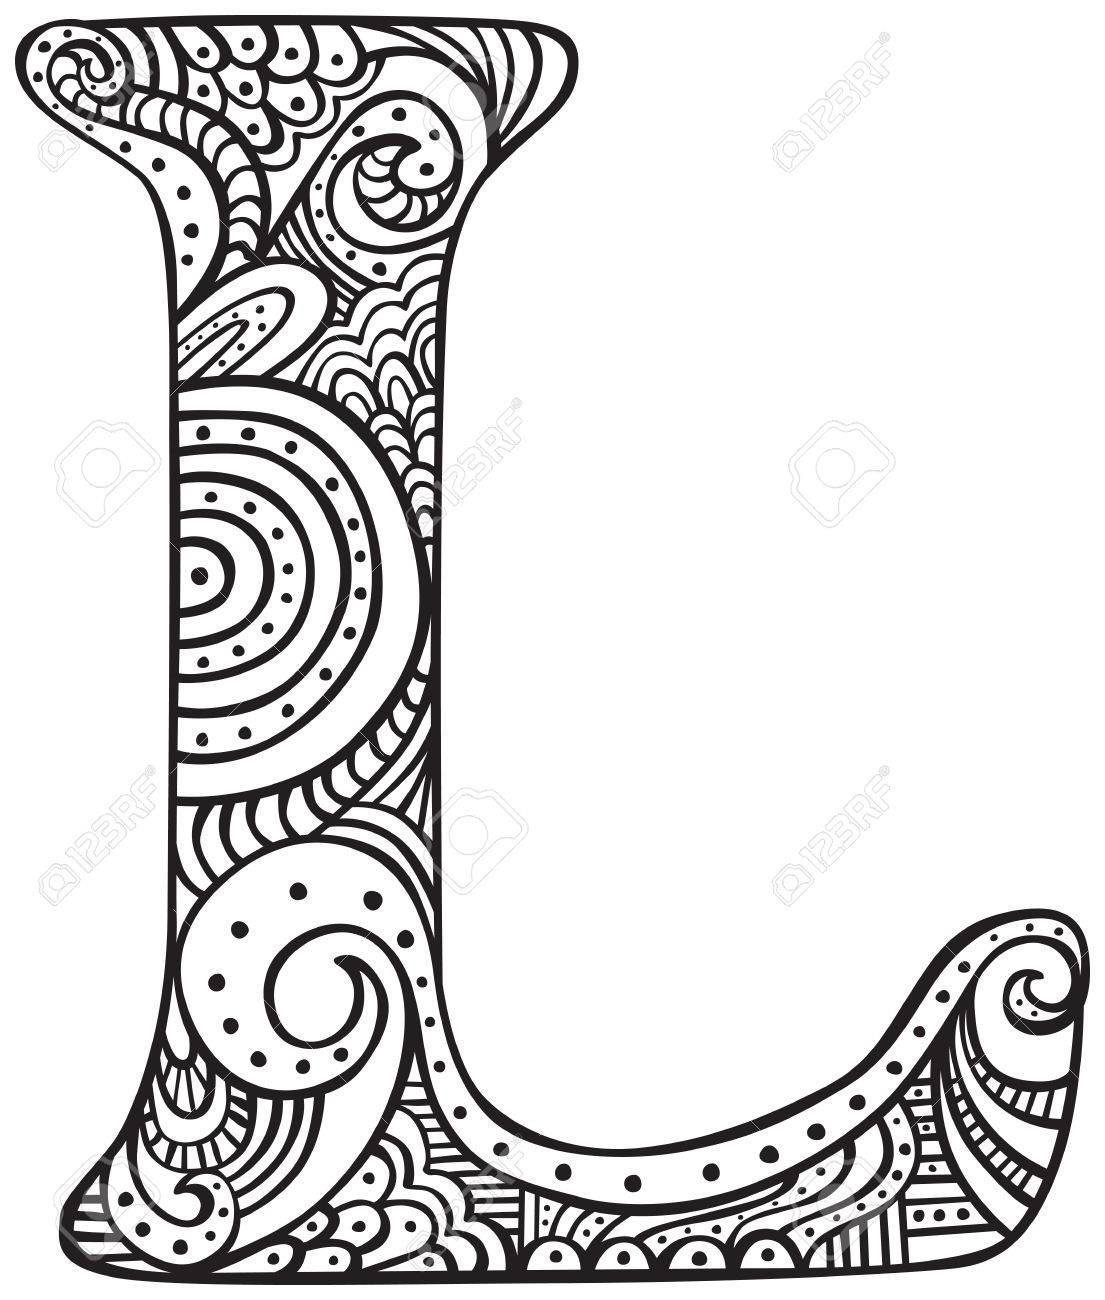 Lettre Majuscule L Dessiné Main En Noir - Feuille À Colorier Pour Adultes concernant Feuille A Colorier